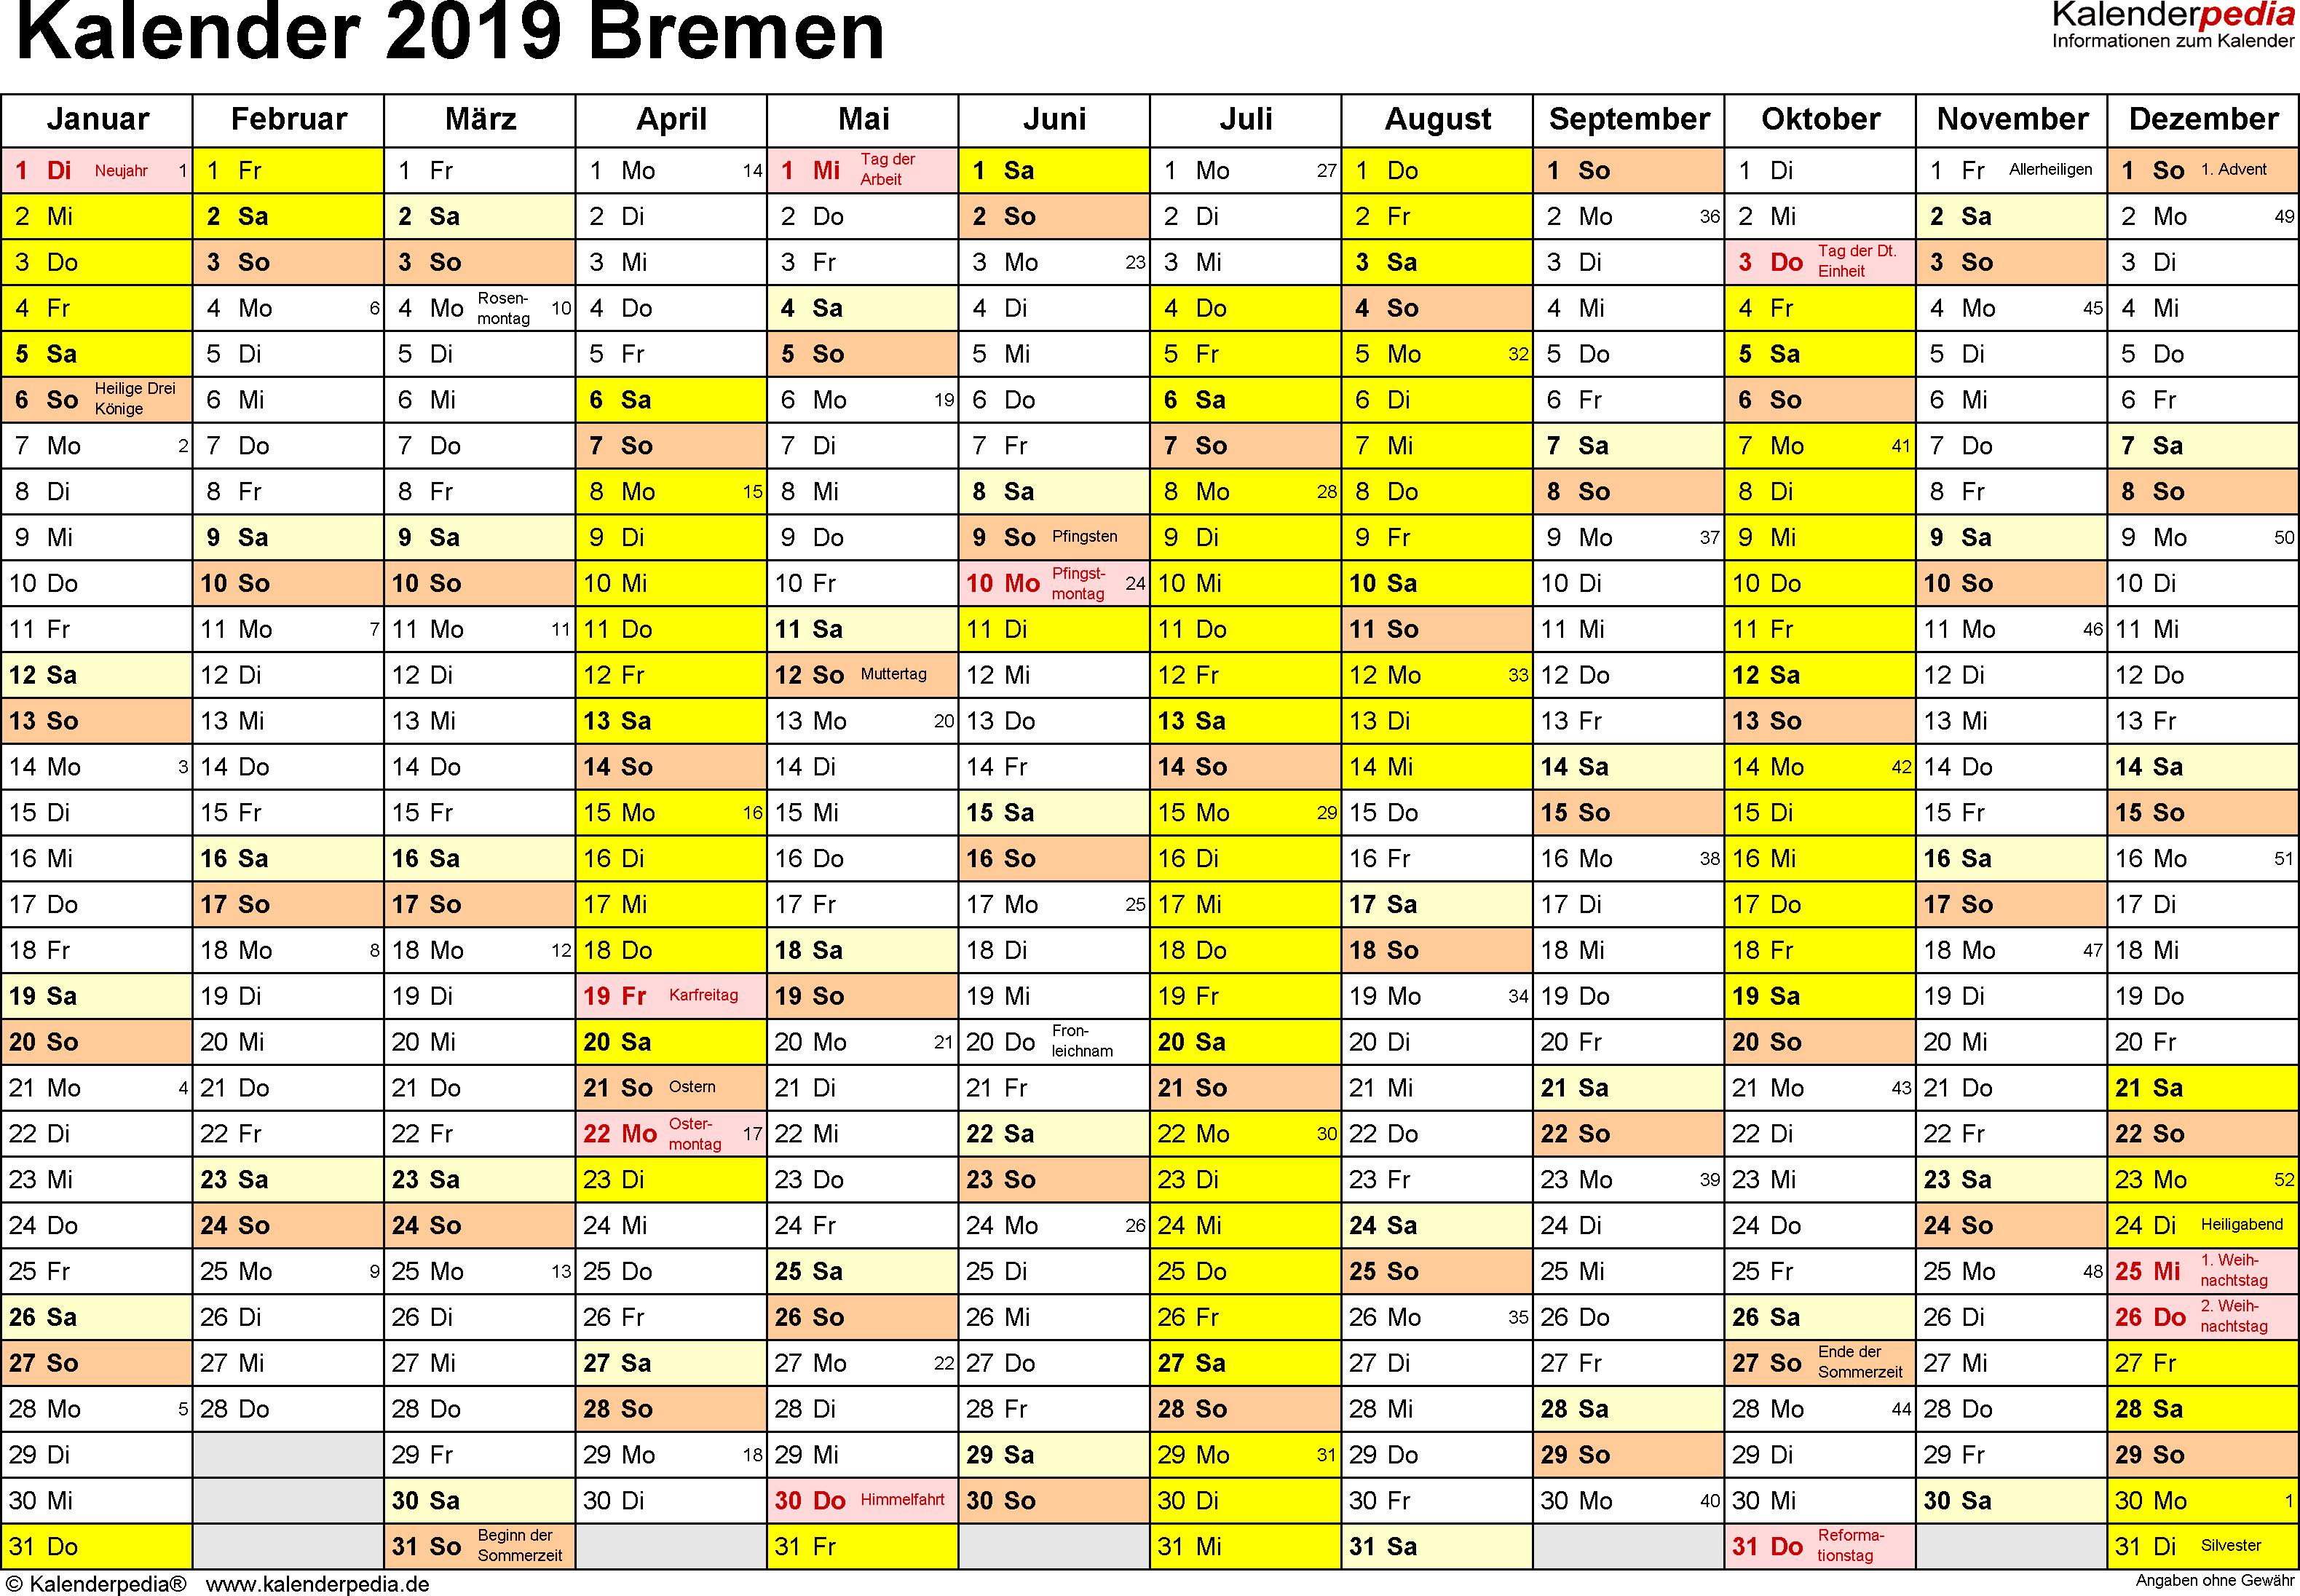 Vorlage 1: Kalender 2019 für Bremen als Excel-Vorlagen (Querformat, 1 Seite)